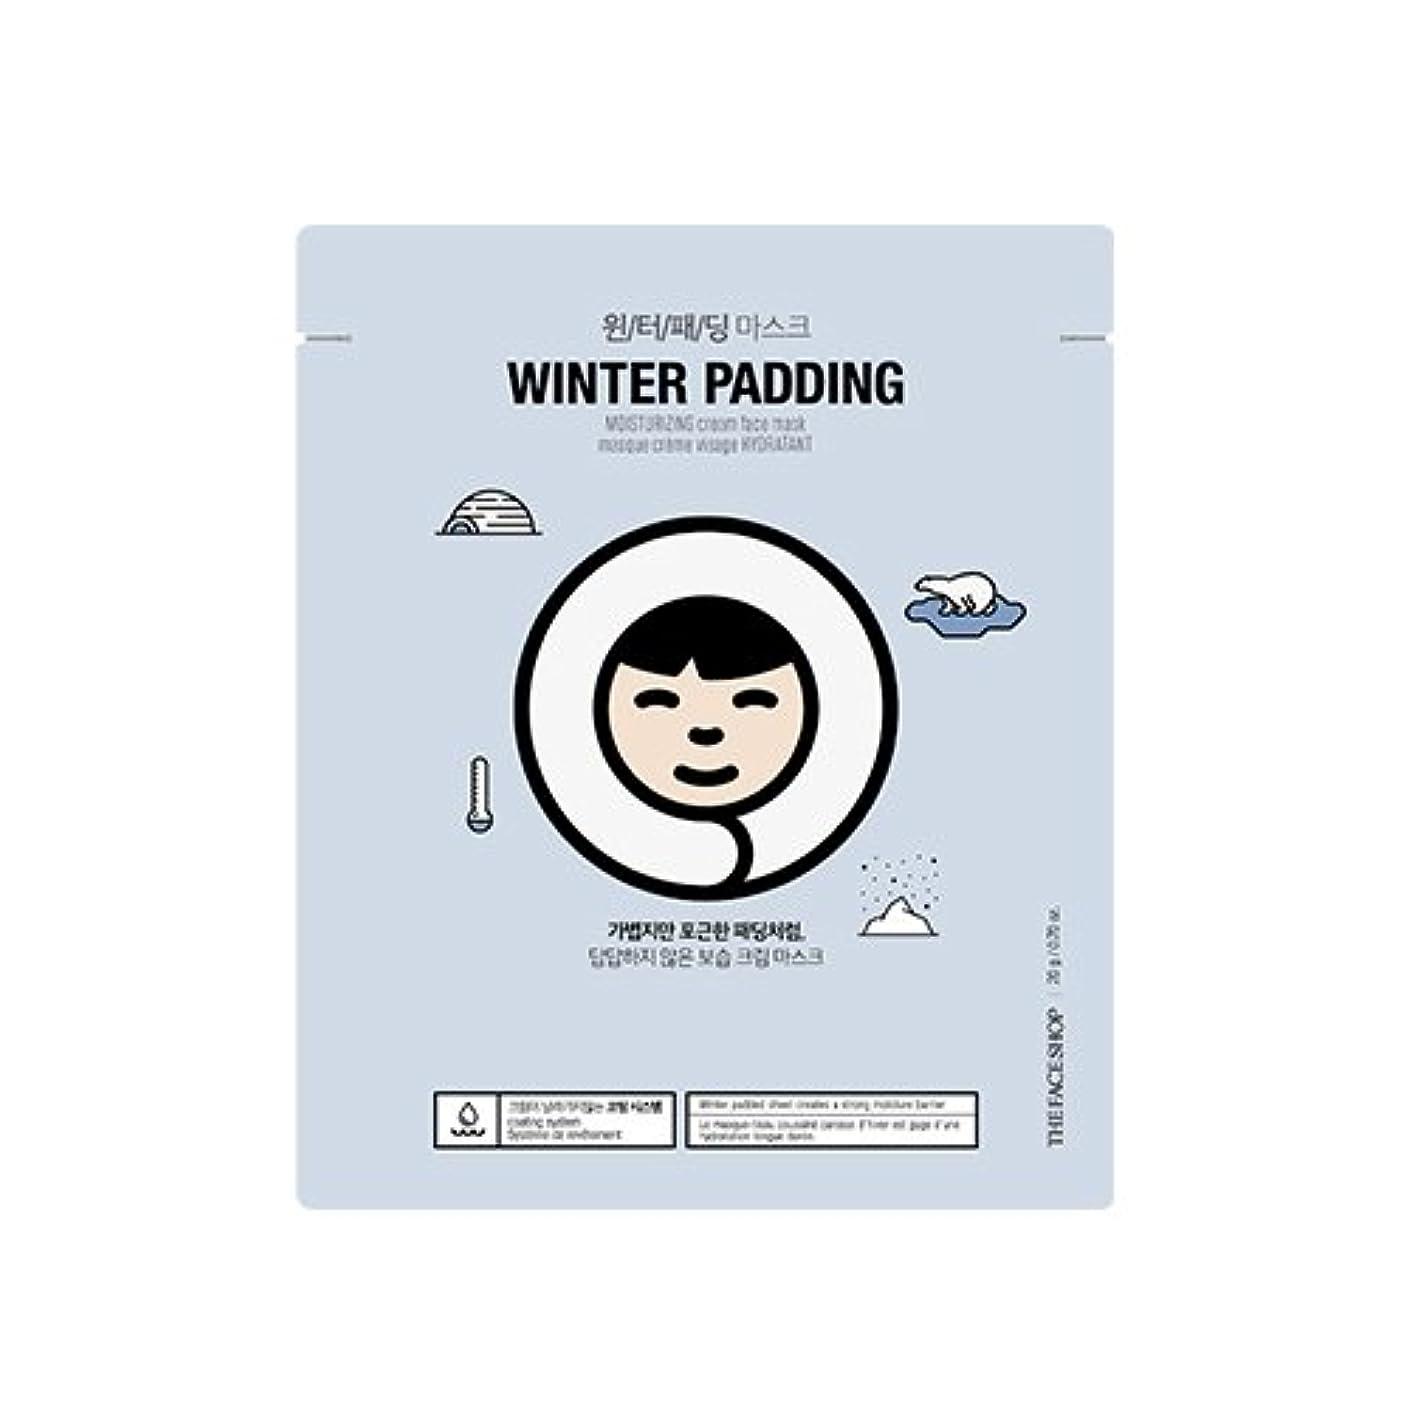 火炎顕微鏡マニフェストTHE FACE SHOP Winter Padding Cream Mask (5EA) (1. Moisturizing Cream Mask) / ザフェイスショップ ウインター パッディング クリームマスク(5枚) [並行輸入品]